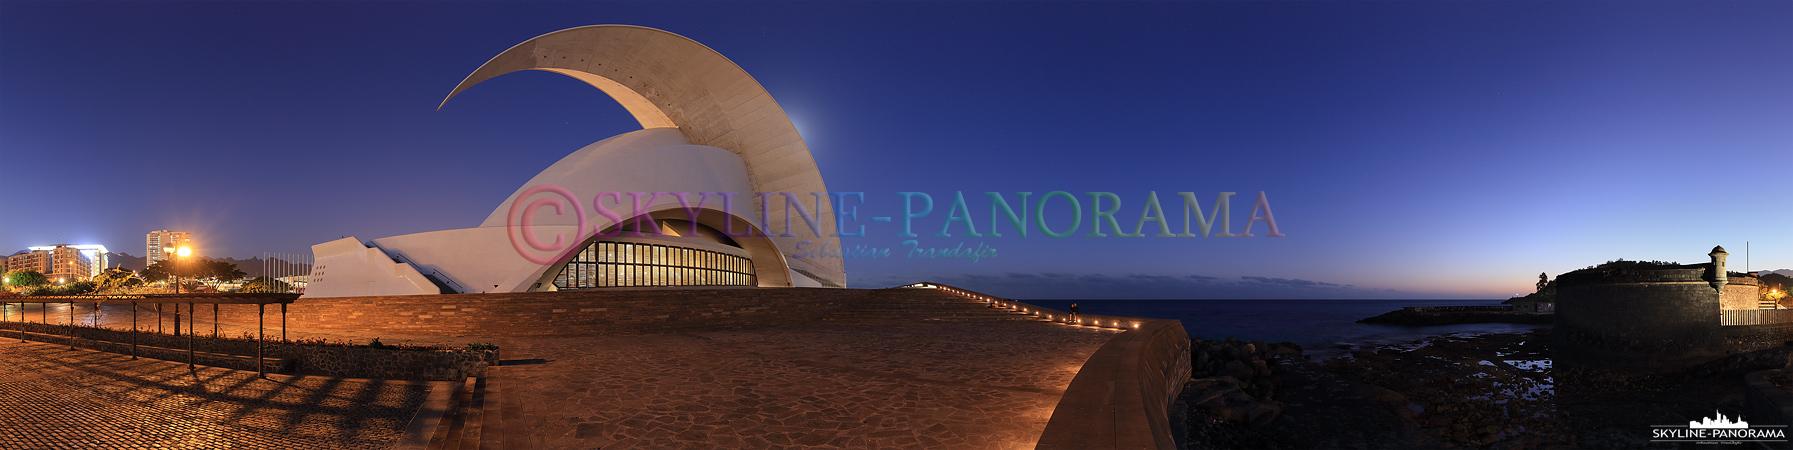 Eines der bekanntesten Bauwerke Teneriffas ist das Auditorio de Tenerife, das Kongress- und Konzerthaus ist das weithin sichtbare Wahrzeichen von Santa Cruz.